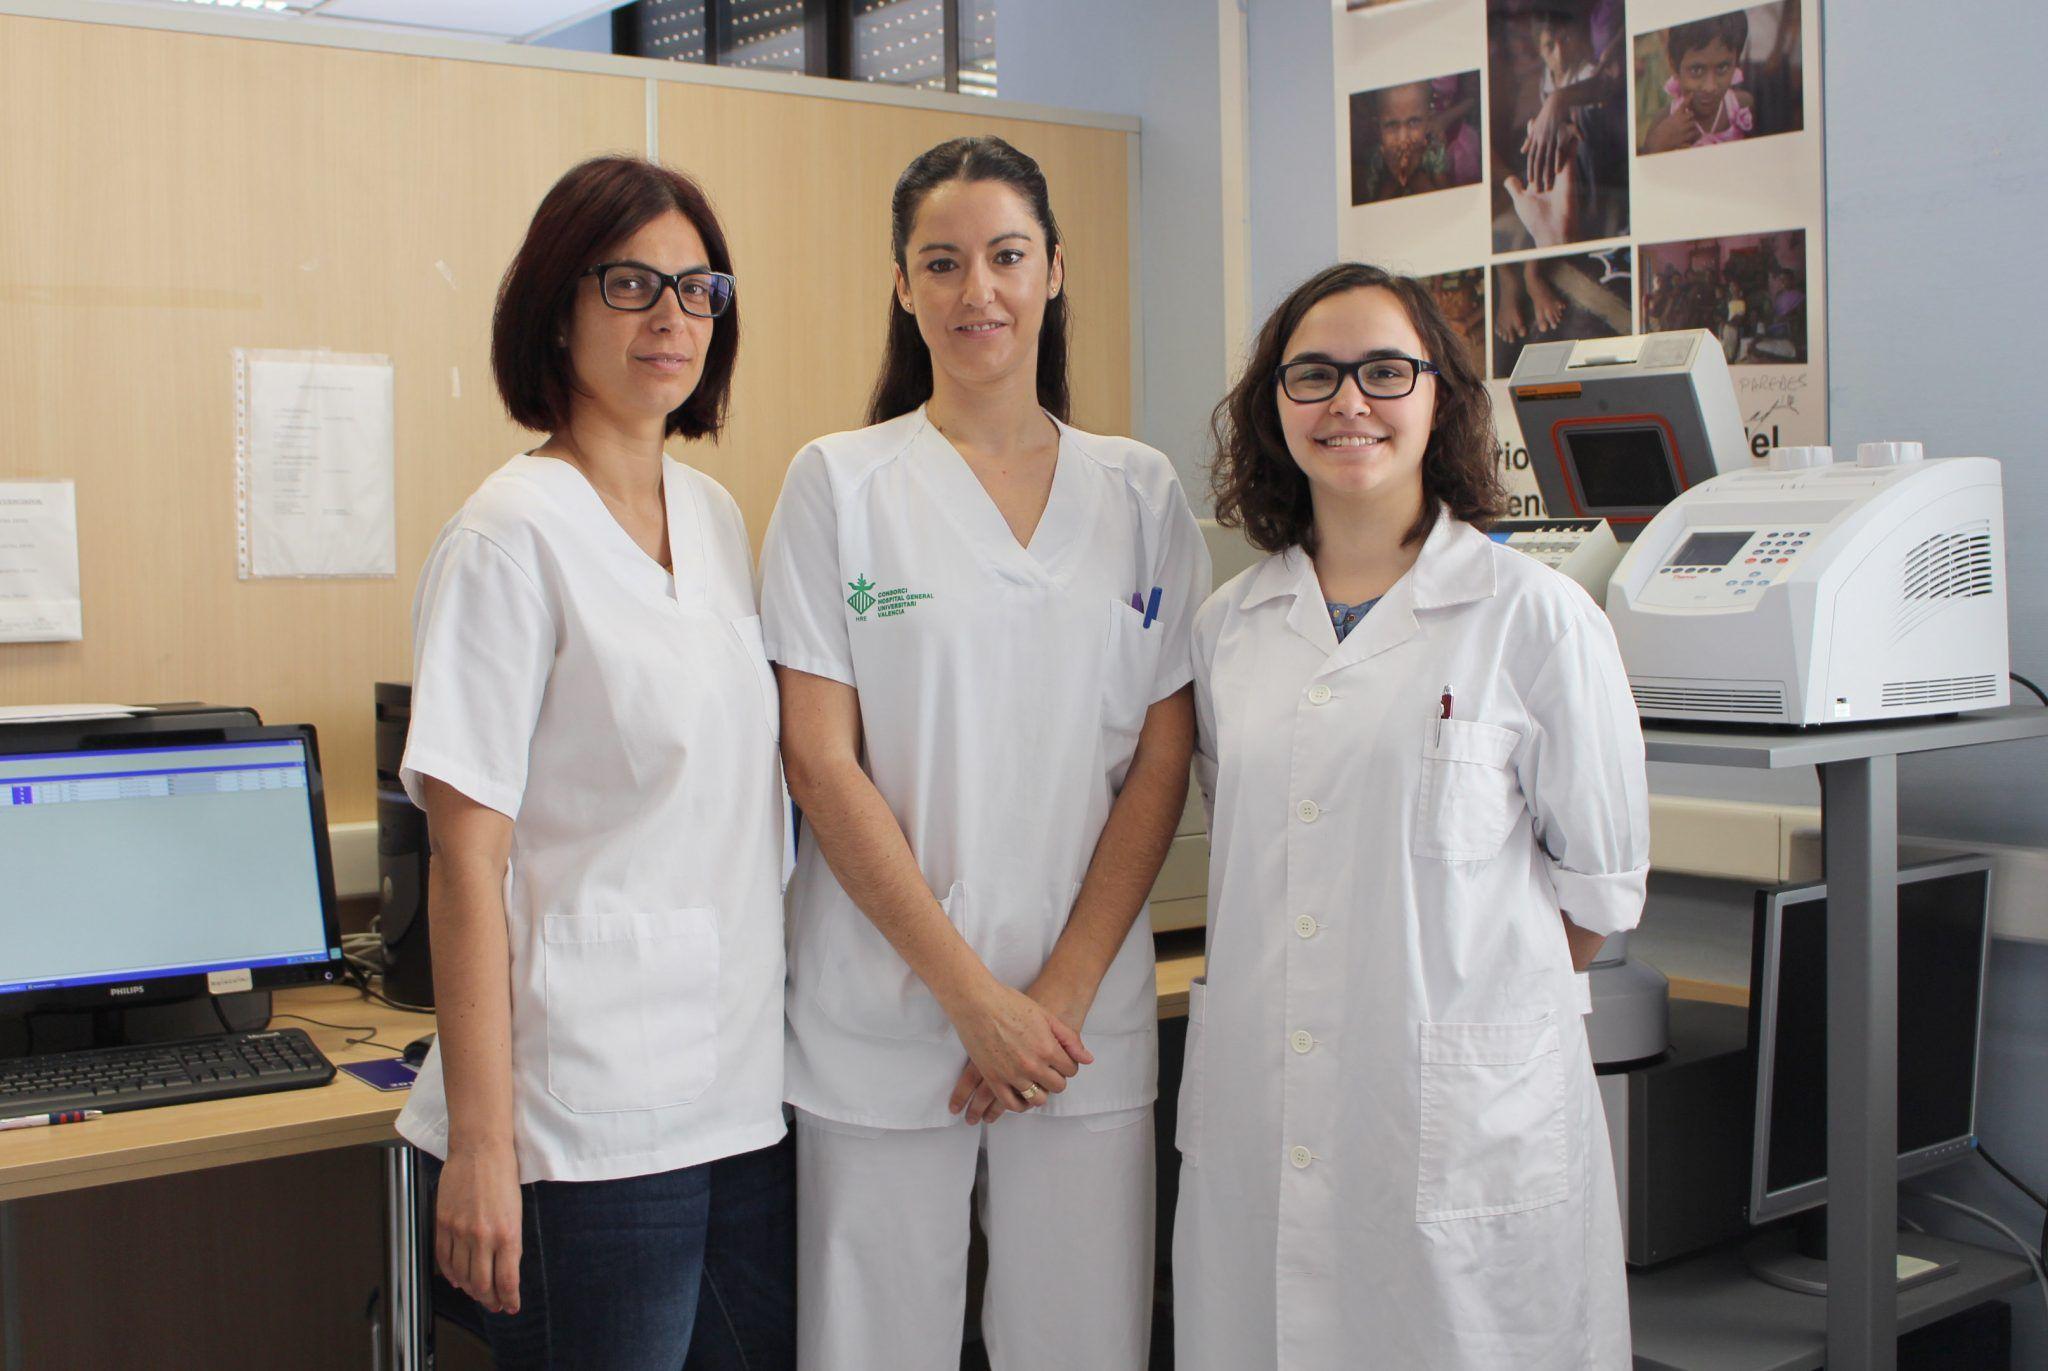 Carola Guzmán, Noelia Escartín y Carolina Monzó en el Laboratorio de Genética Molecular.